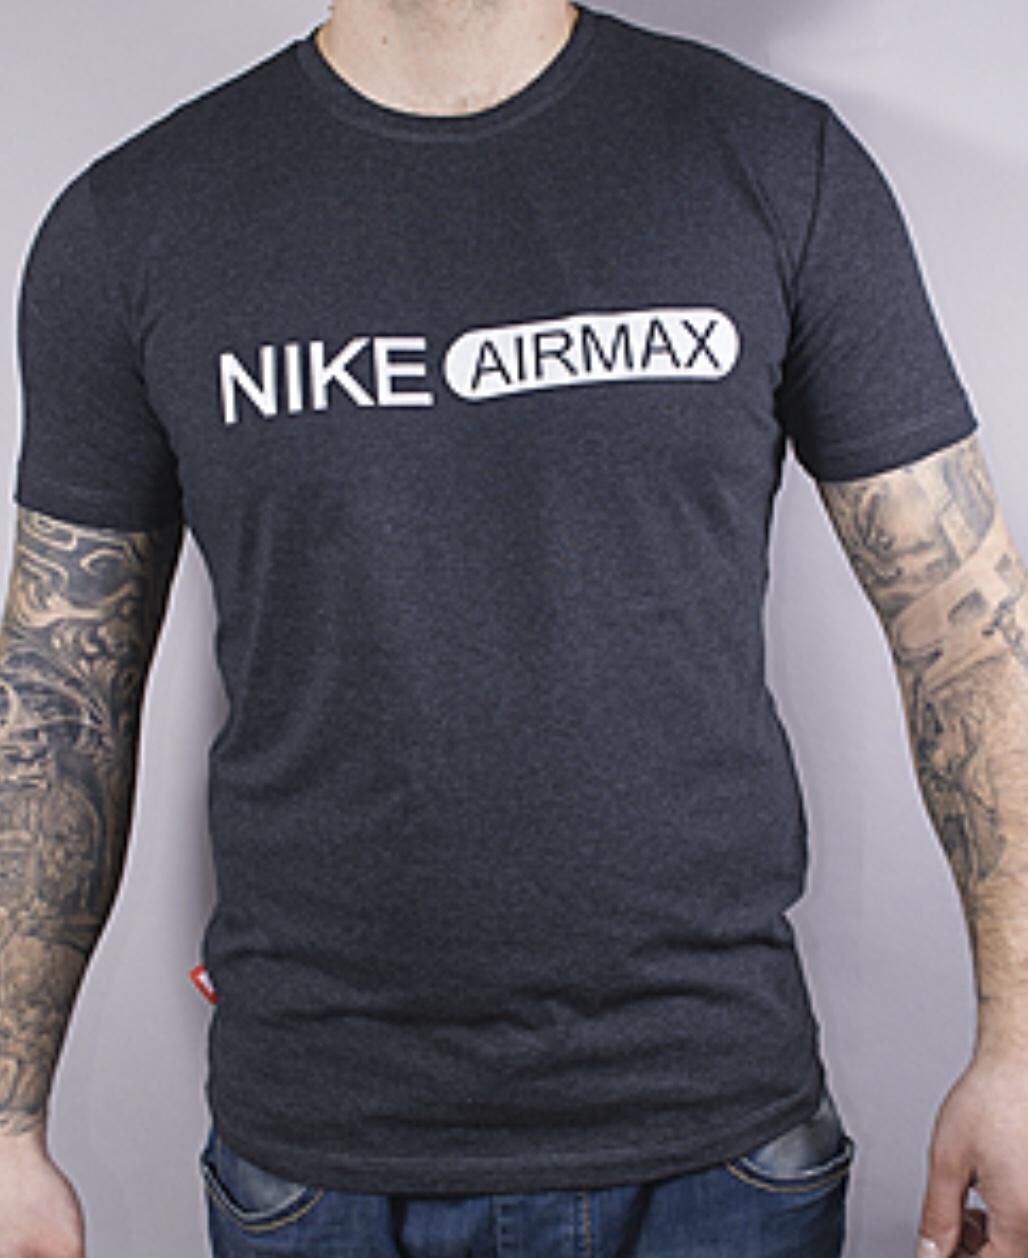 мужская футболка, мужская футболка оптом, мужские футболки